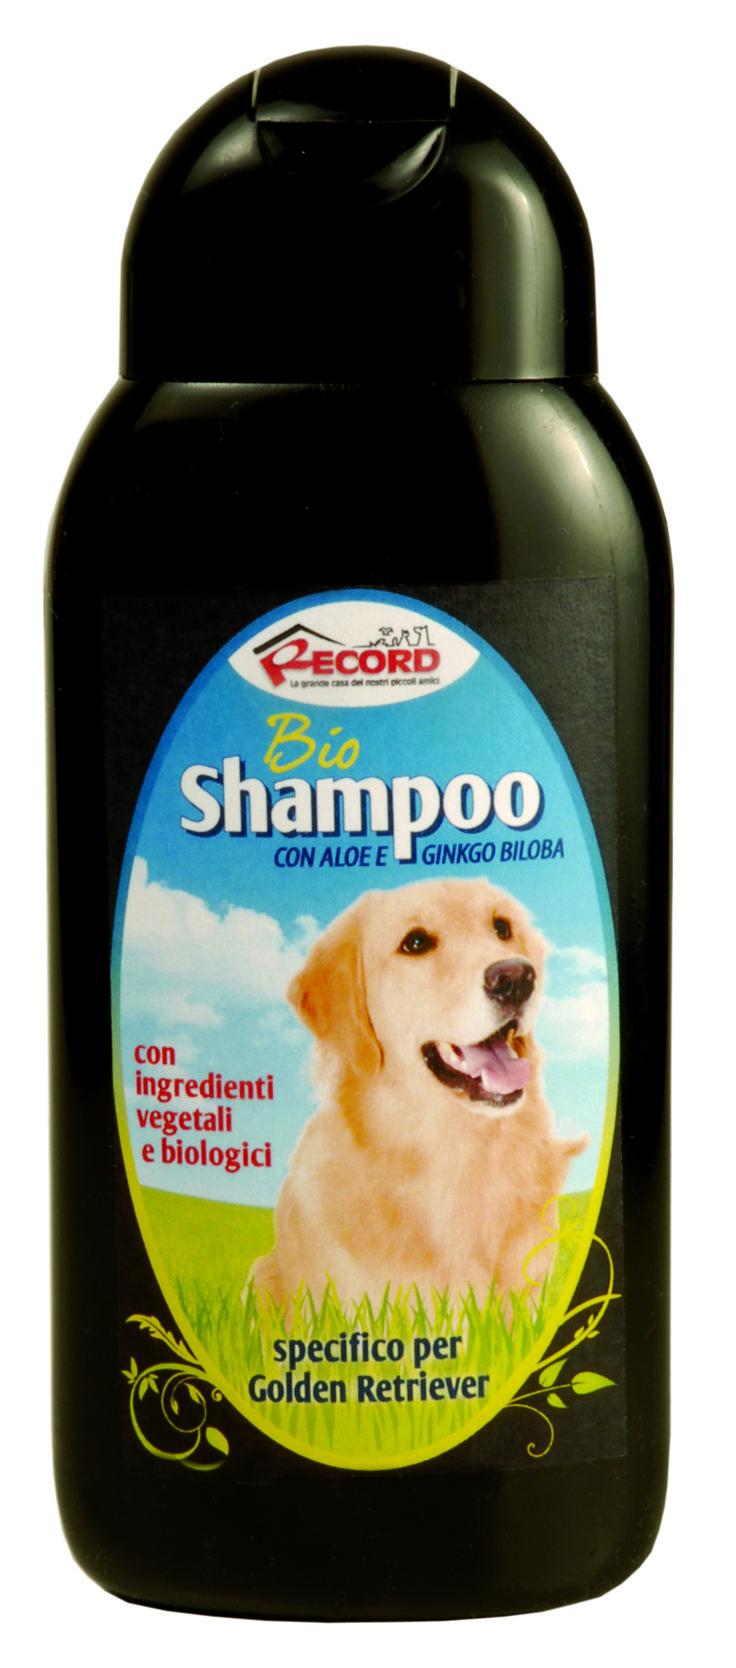 #Bio #shampoo specifico per #cani #GoldenRetriver, by Record. www.recordit.com